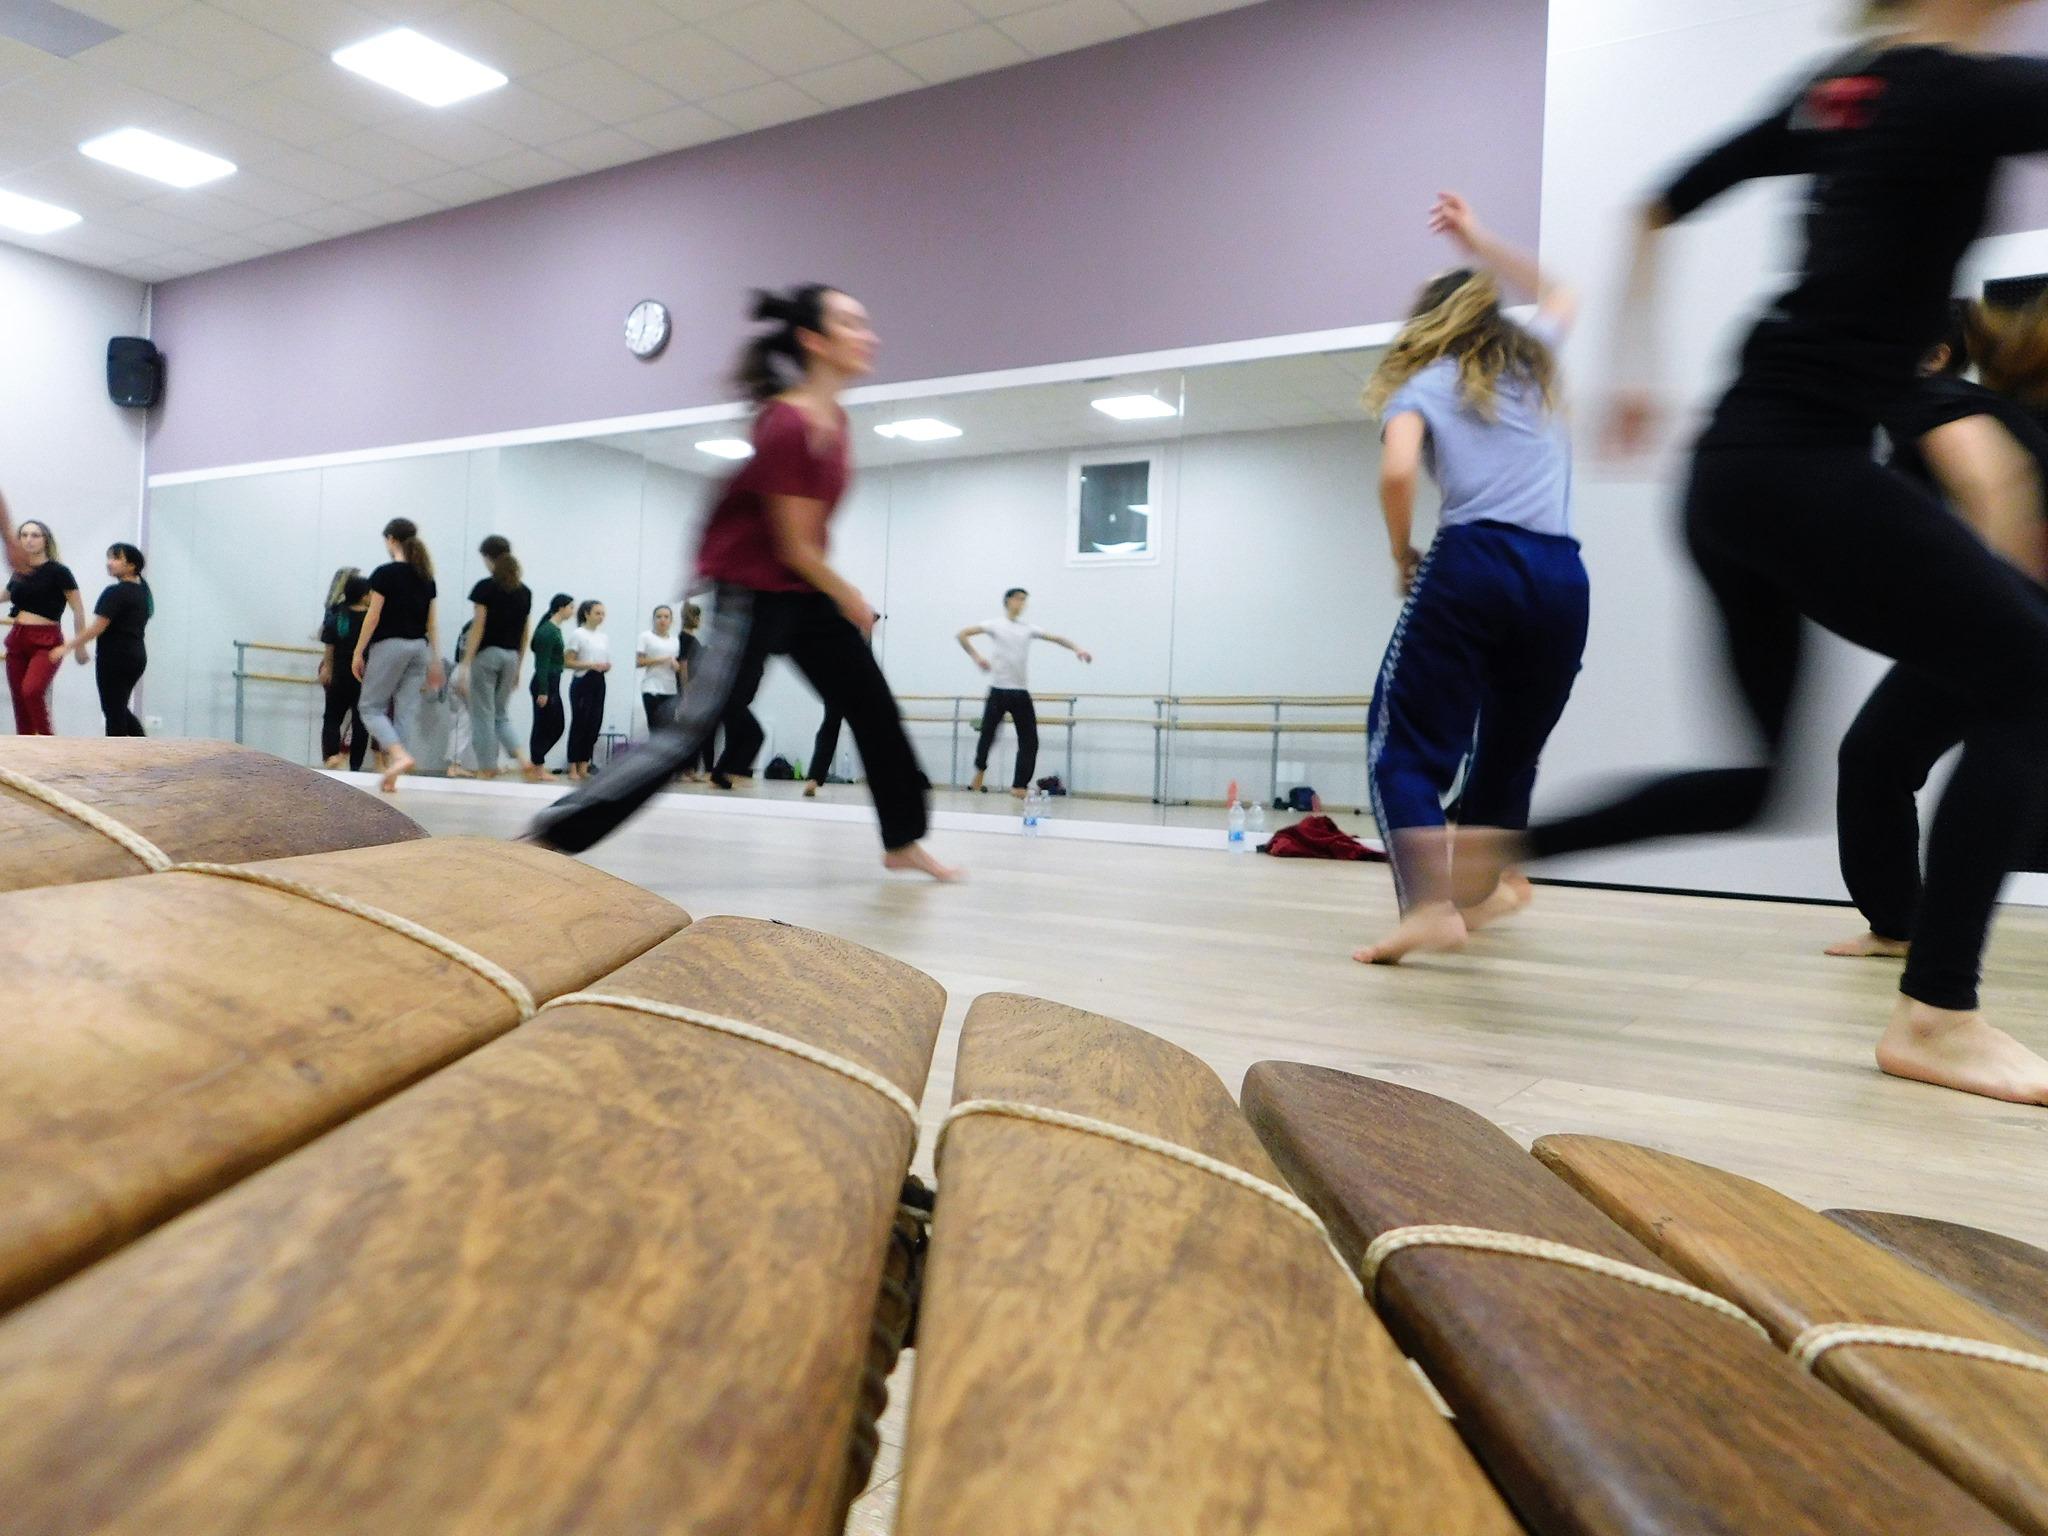 Stage danza contemporanea - EC percorso formazione intermedio 02